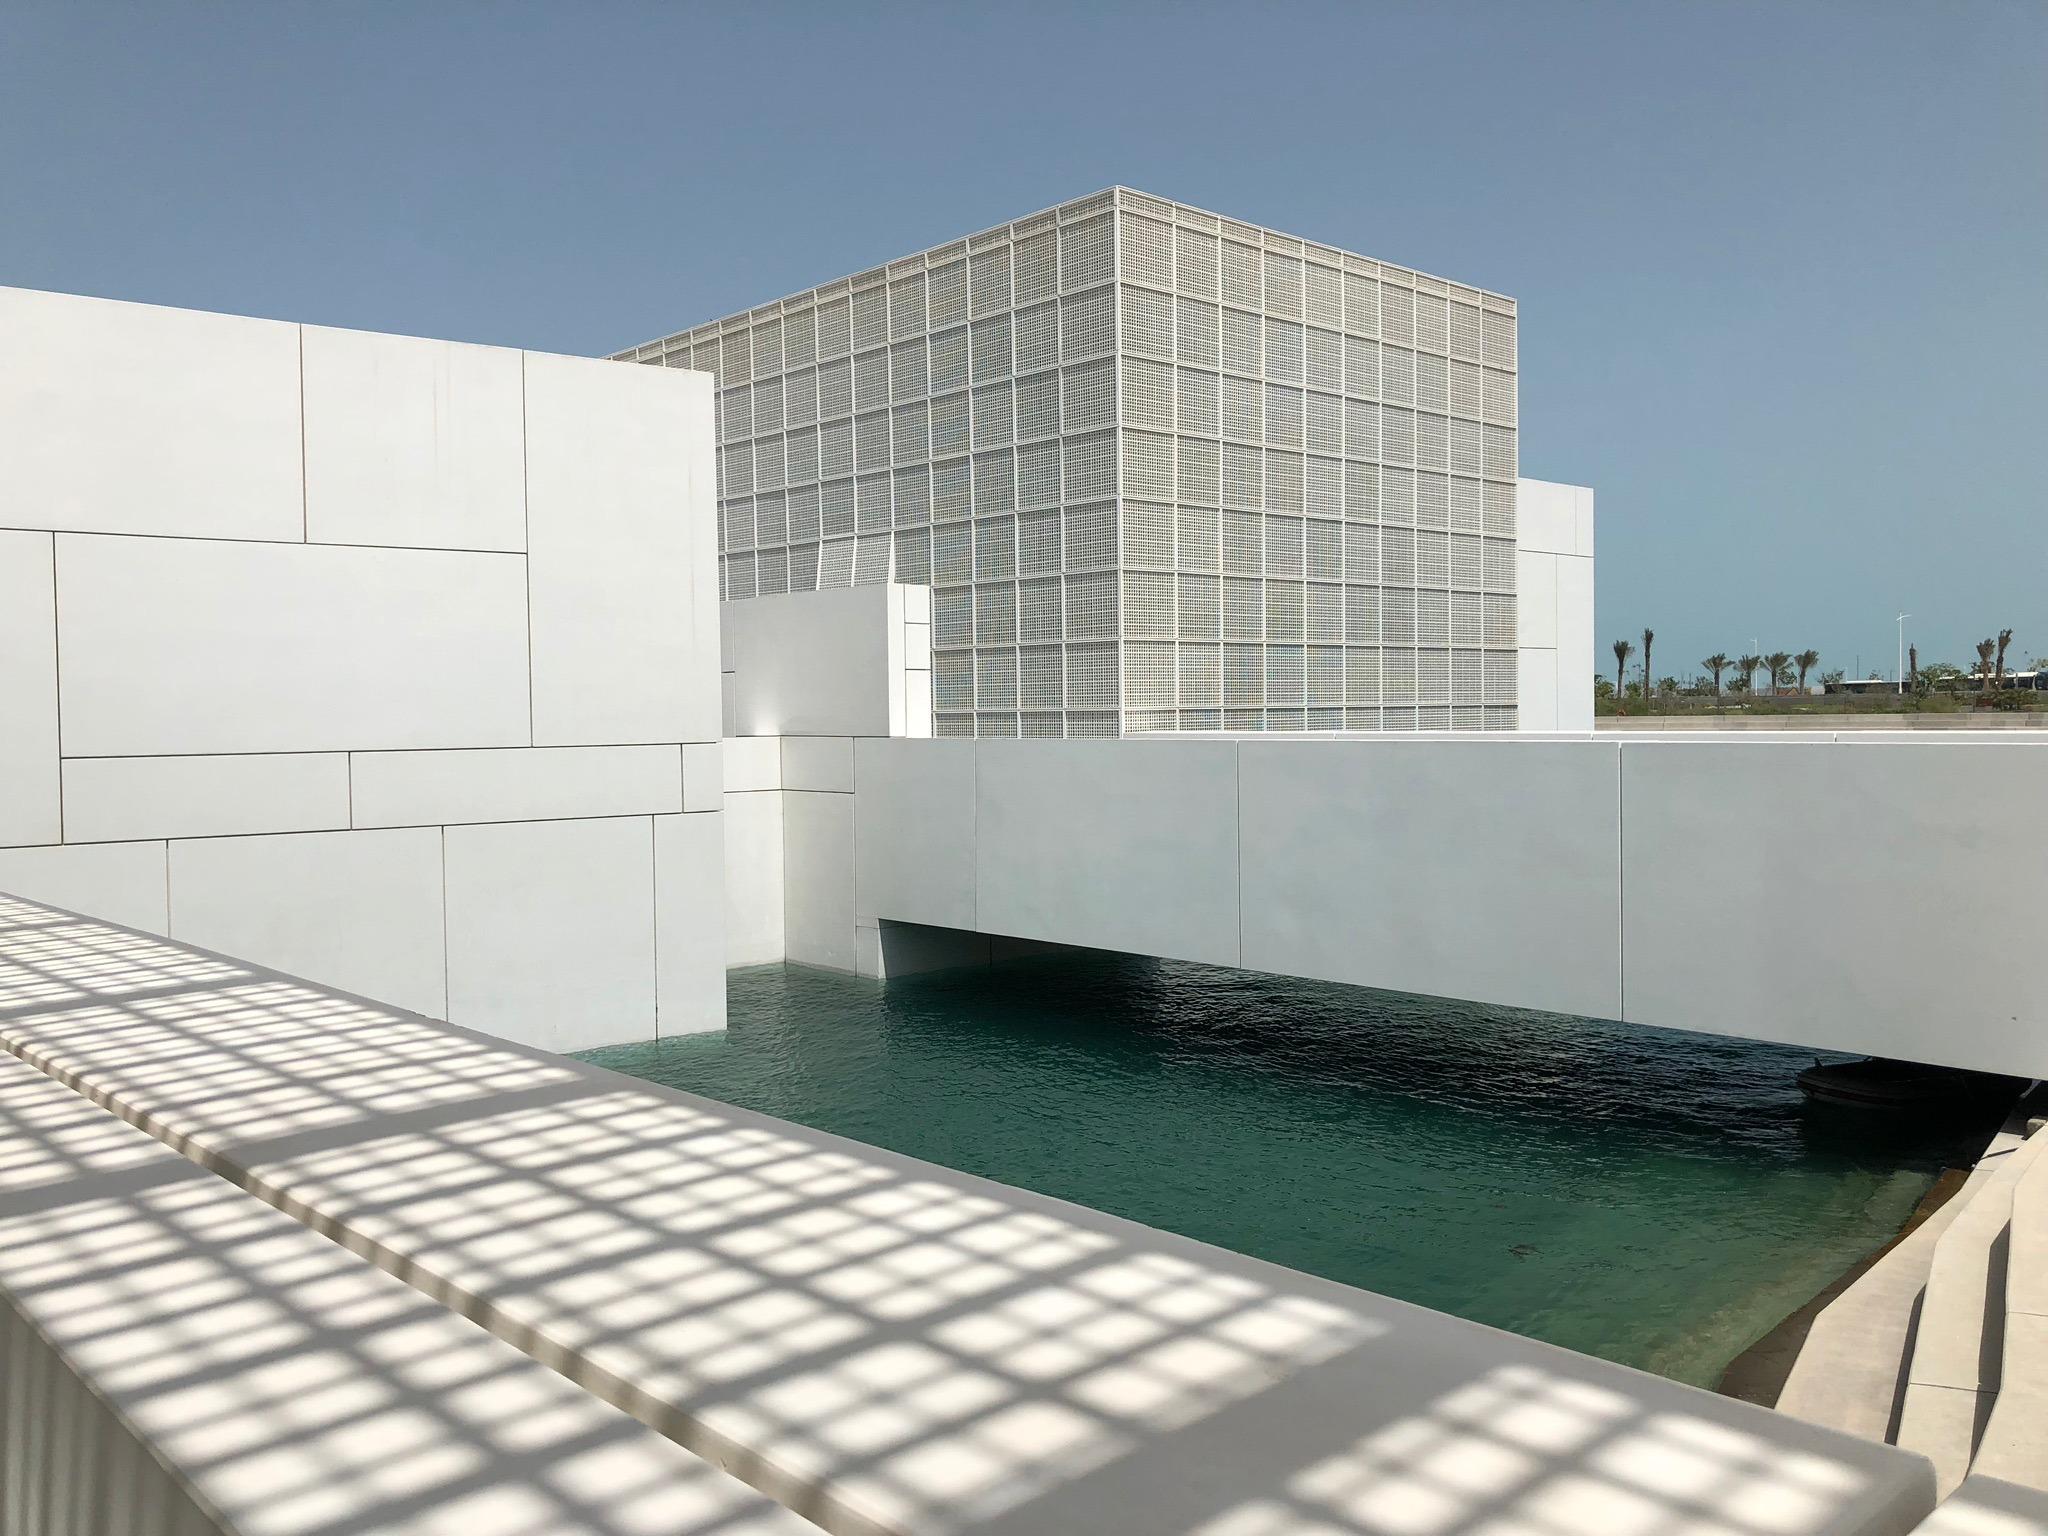 Designer Wohnungen Von Zaha Hadid Dubai - monref.net